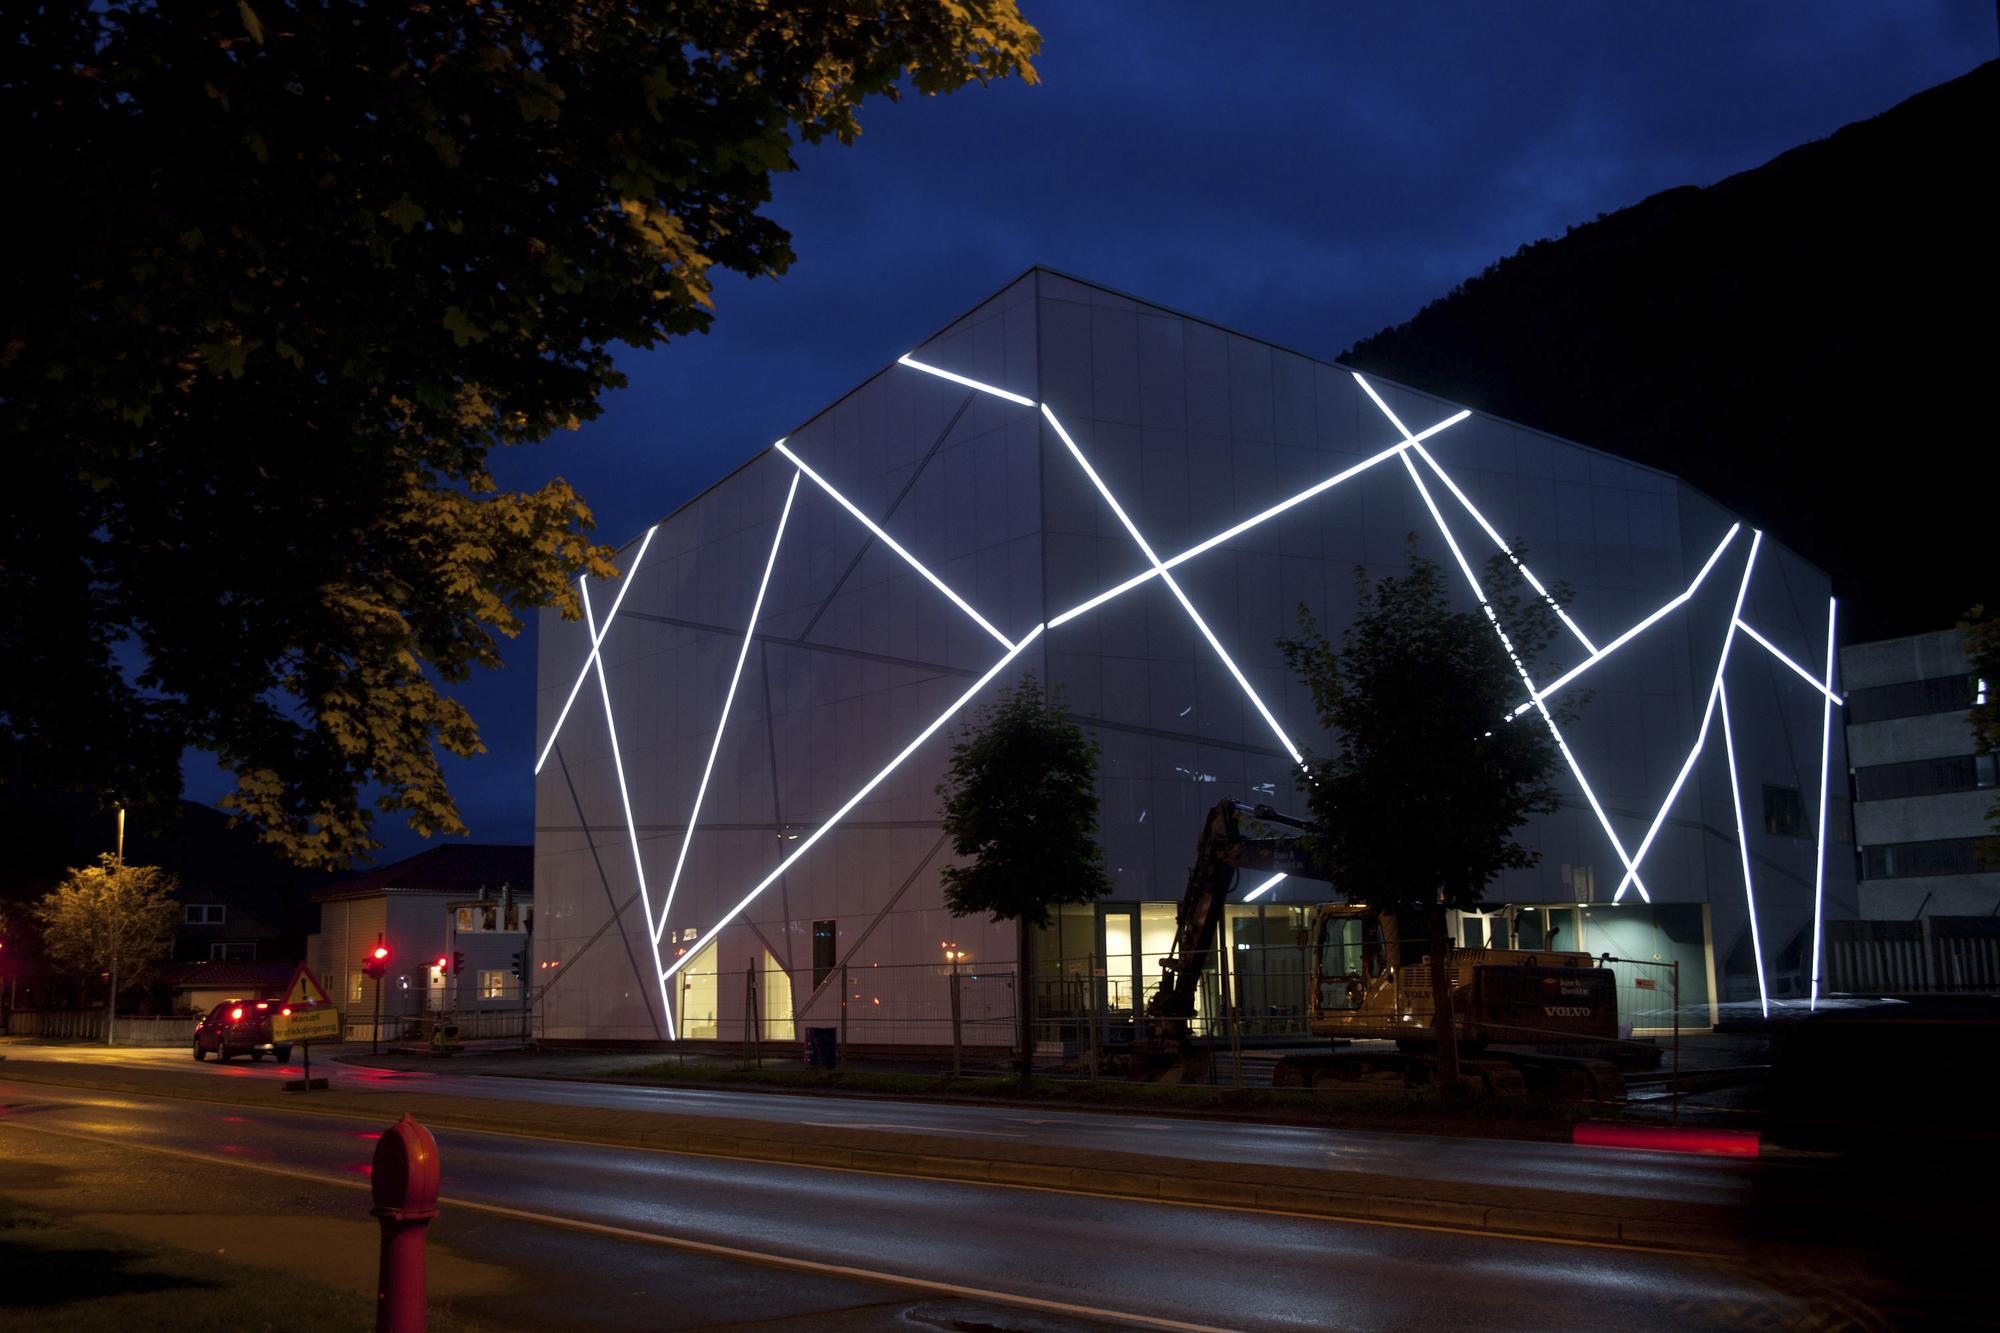 Sogn & Fjordane Art Museum / C.F. Møller Architects, © Oddleiv Apneseth